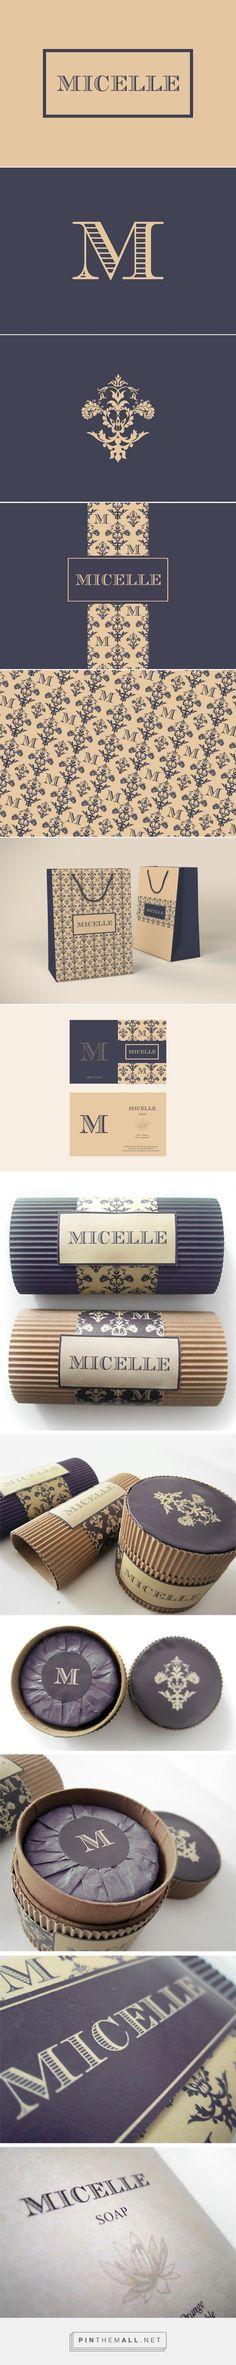 Micelle Soap Branding on Behance | Fivestar Branding – Design and Branding Agency & Inspiration Gallery